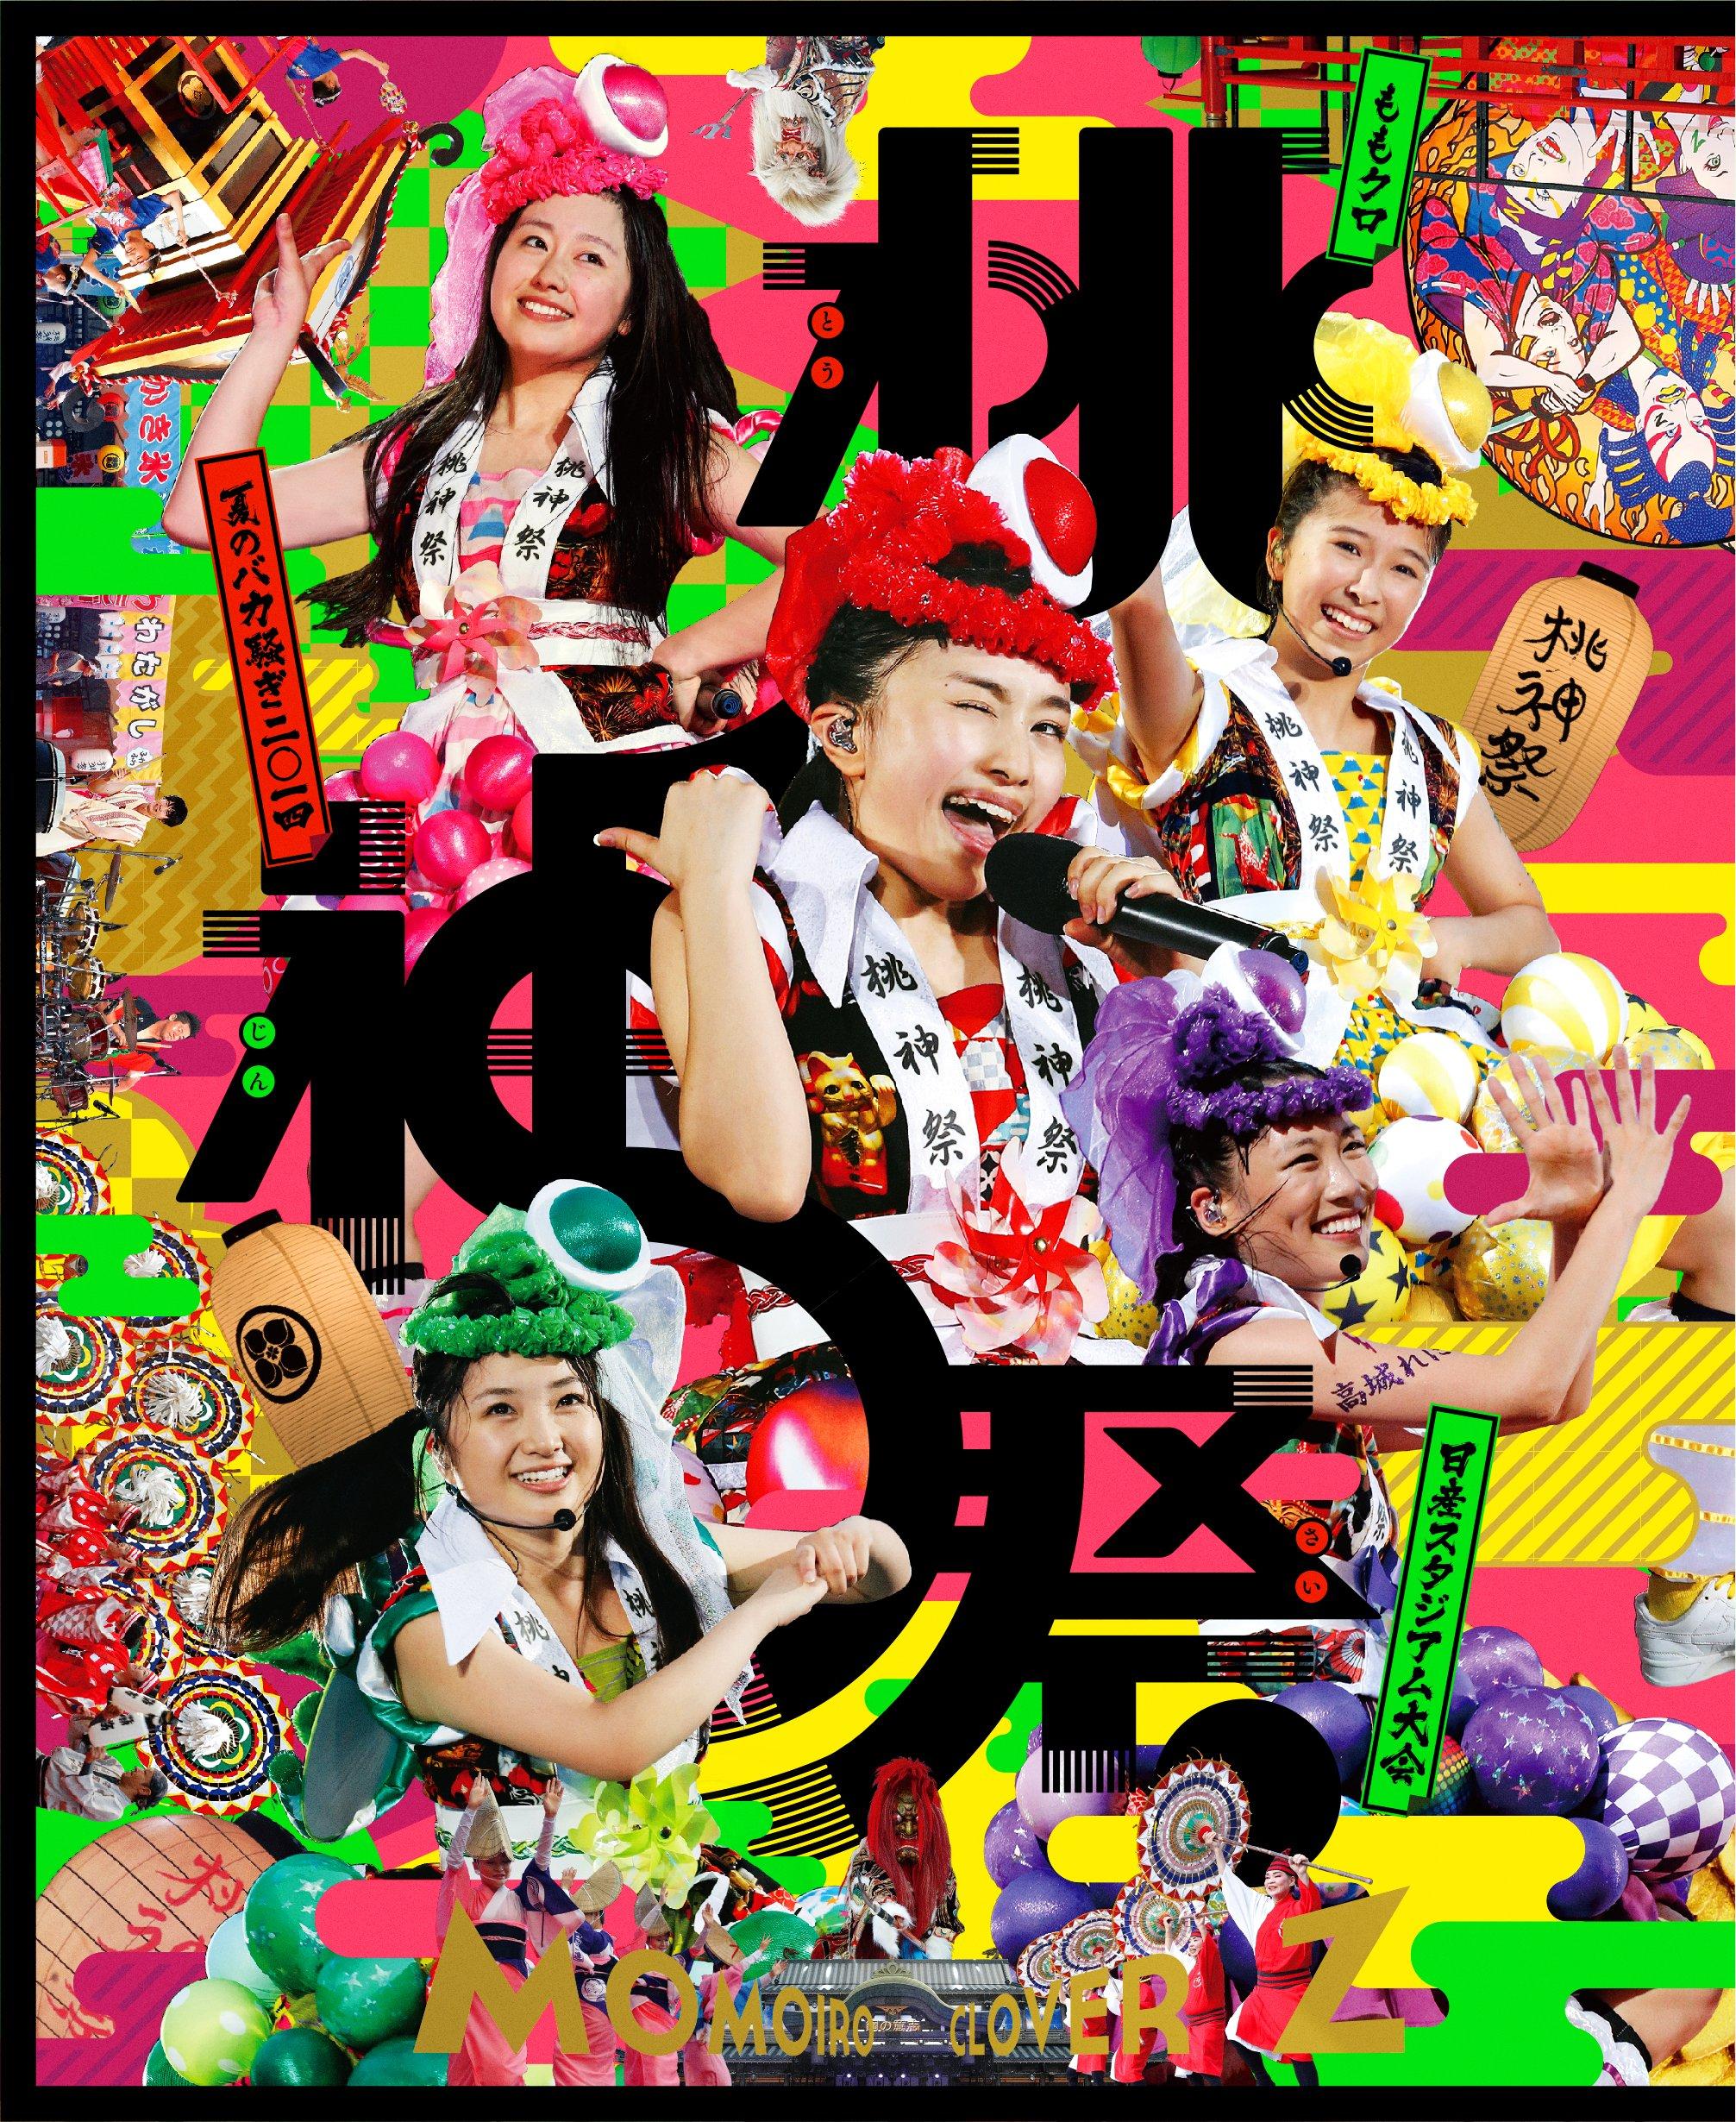 「ももクロ夏のバカ騒ぎ2014 日産スタジアム大会~桃神祭~」 LIVE Blu-ray BOX【初回限定版